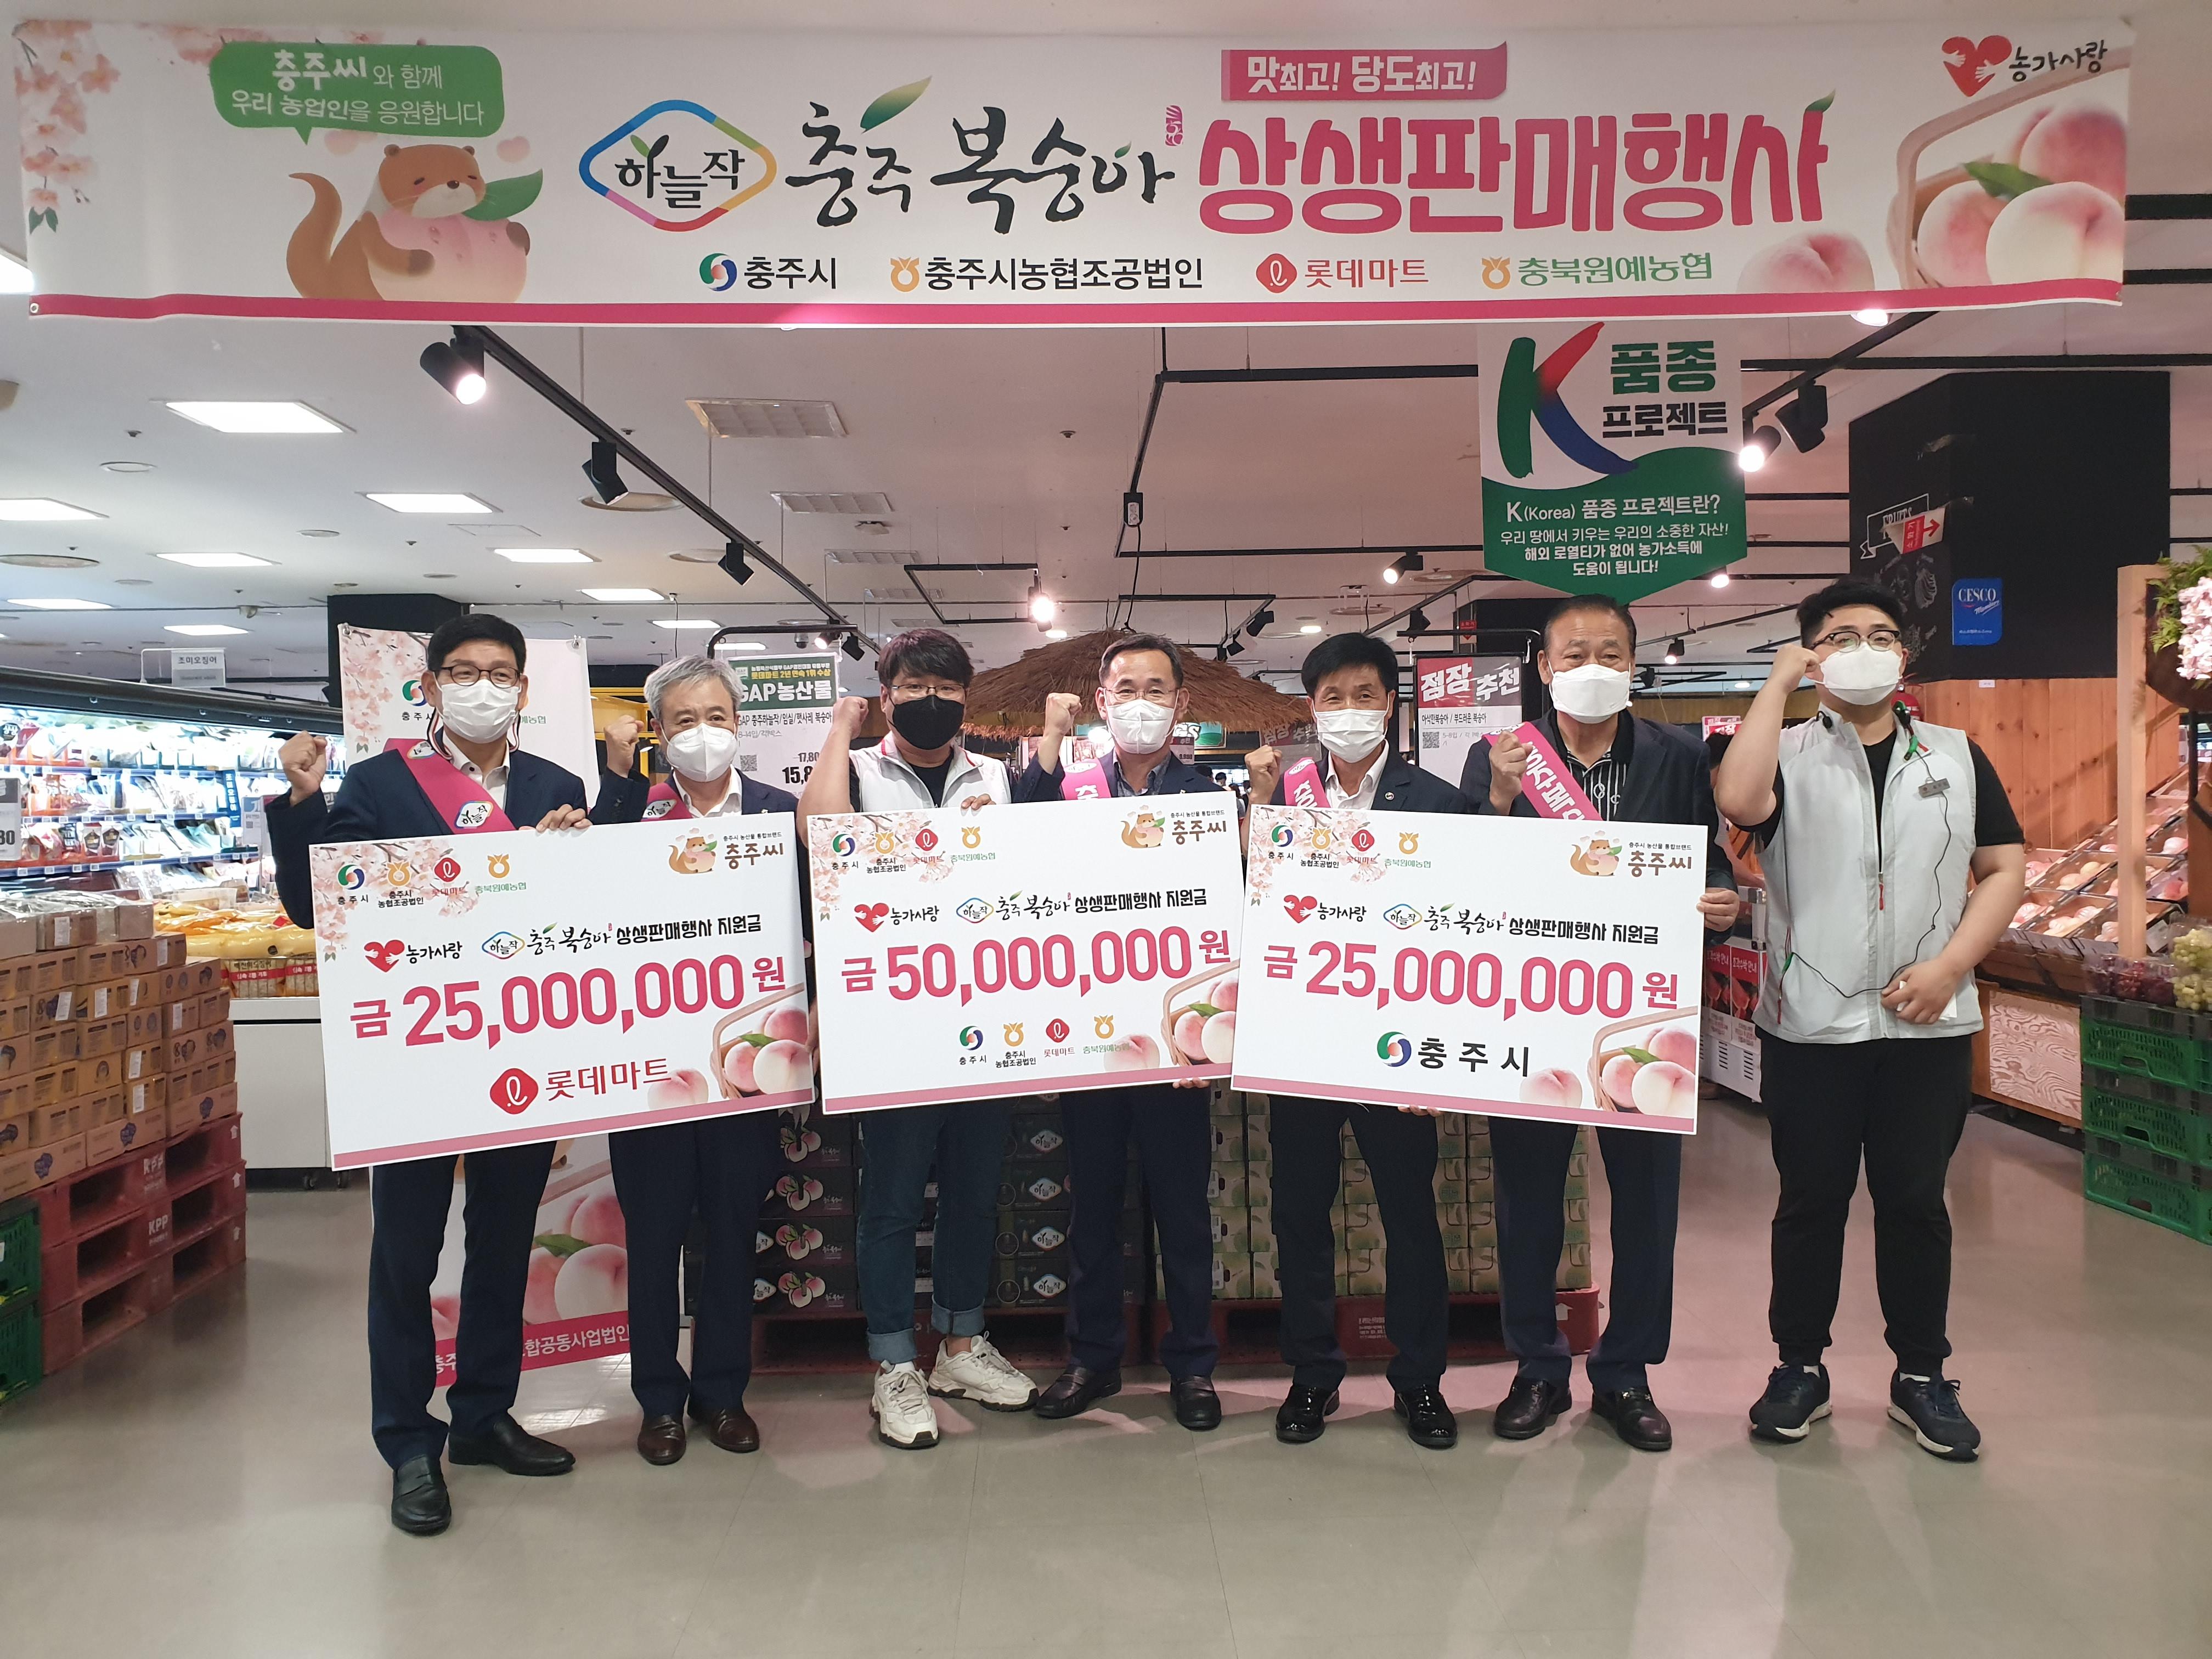 '충주 복숭아' 상생 마케팅 판촉 행사